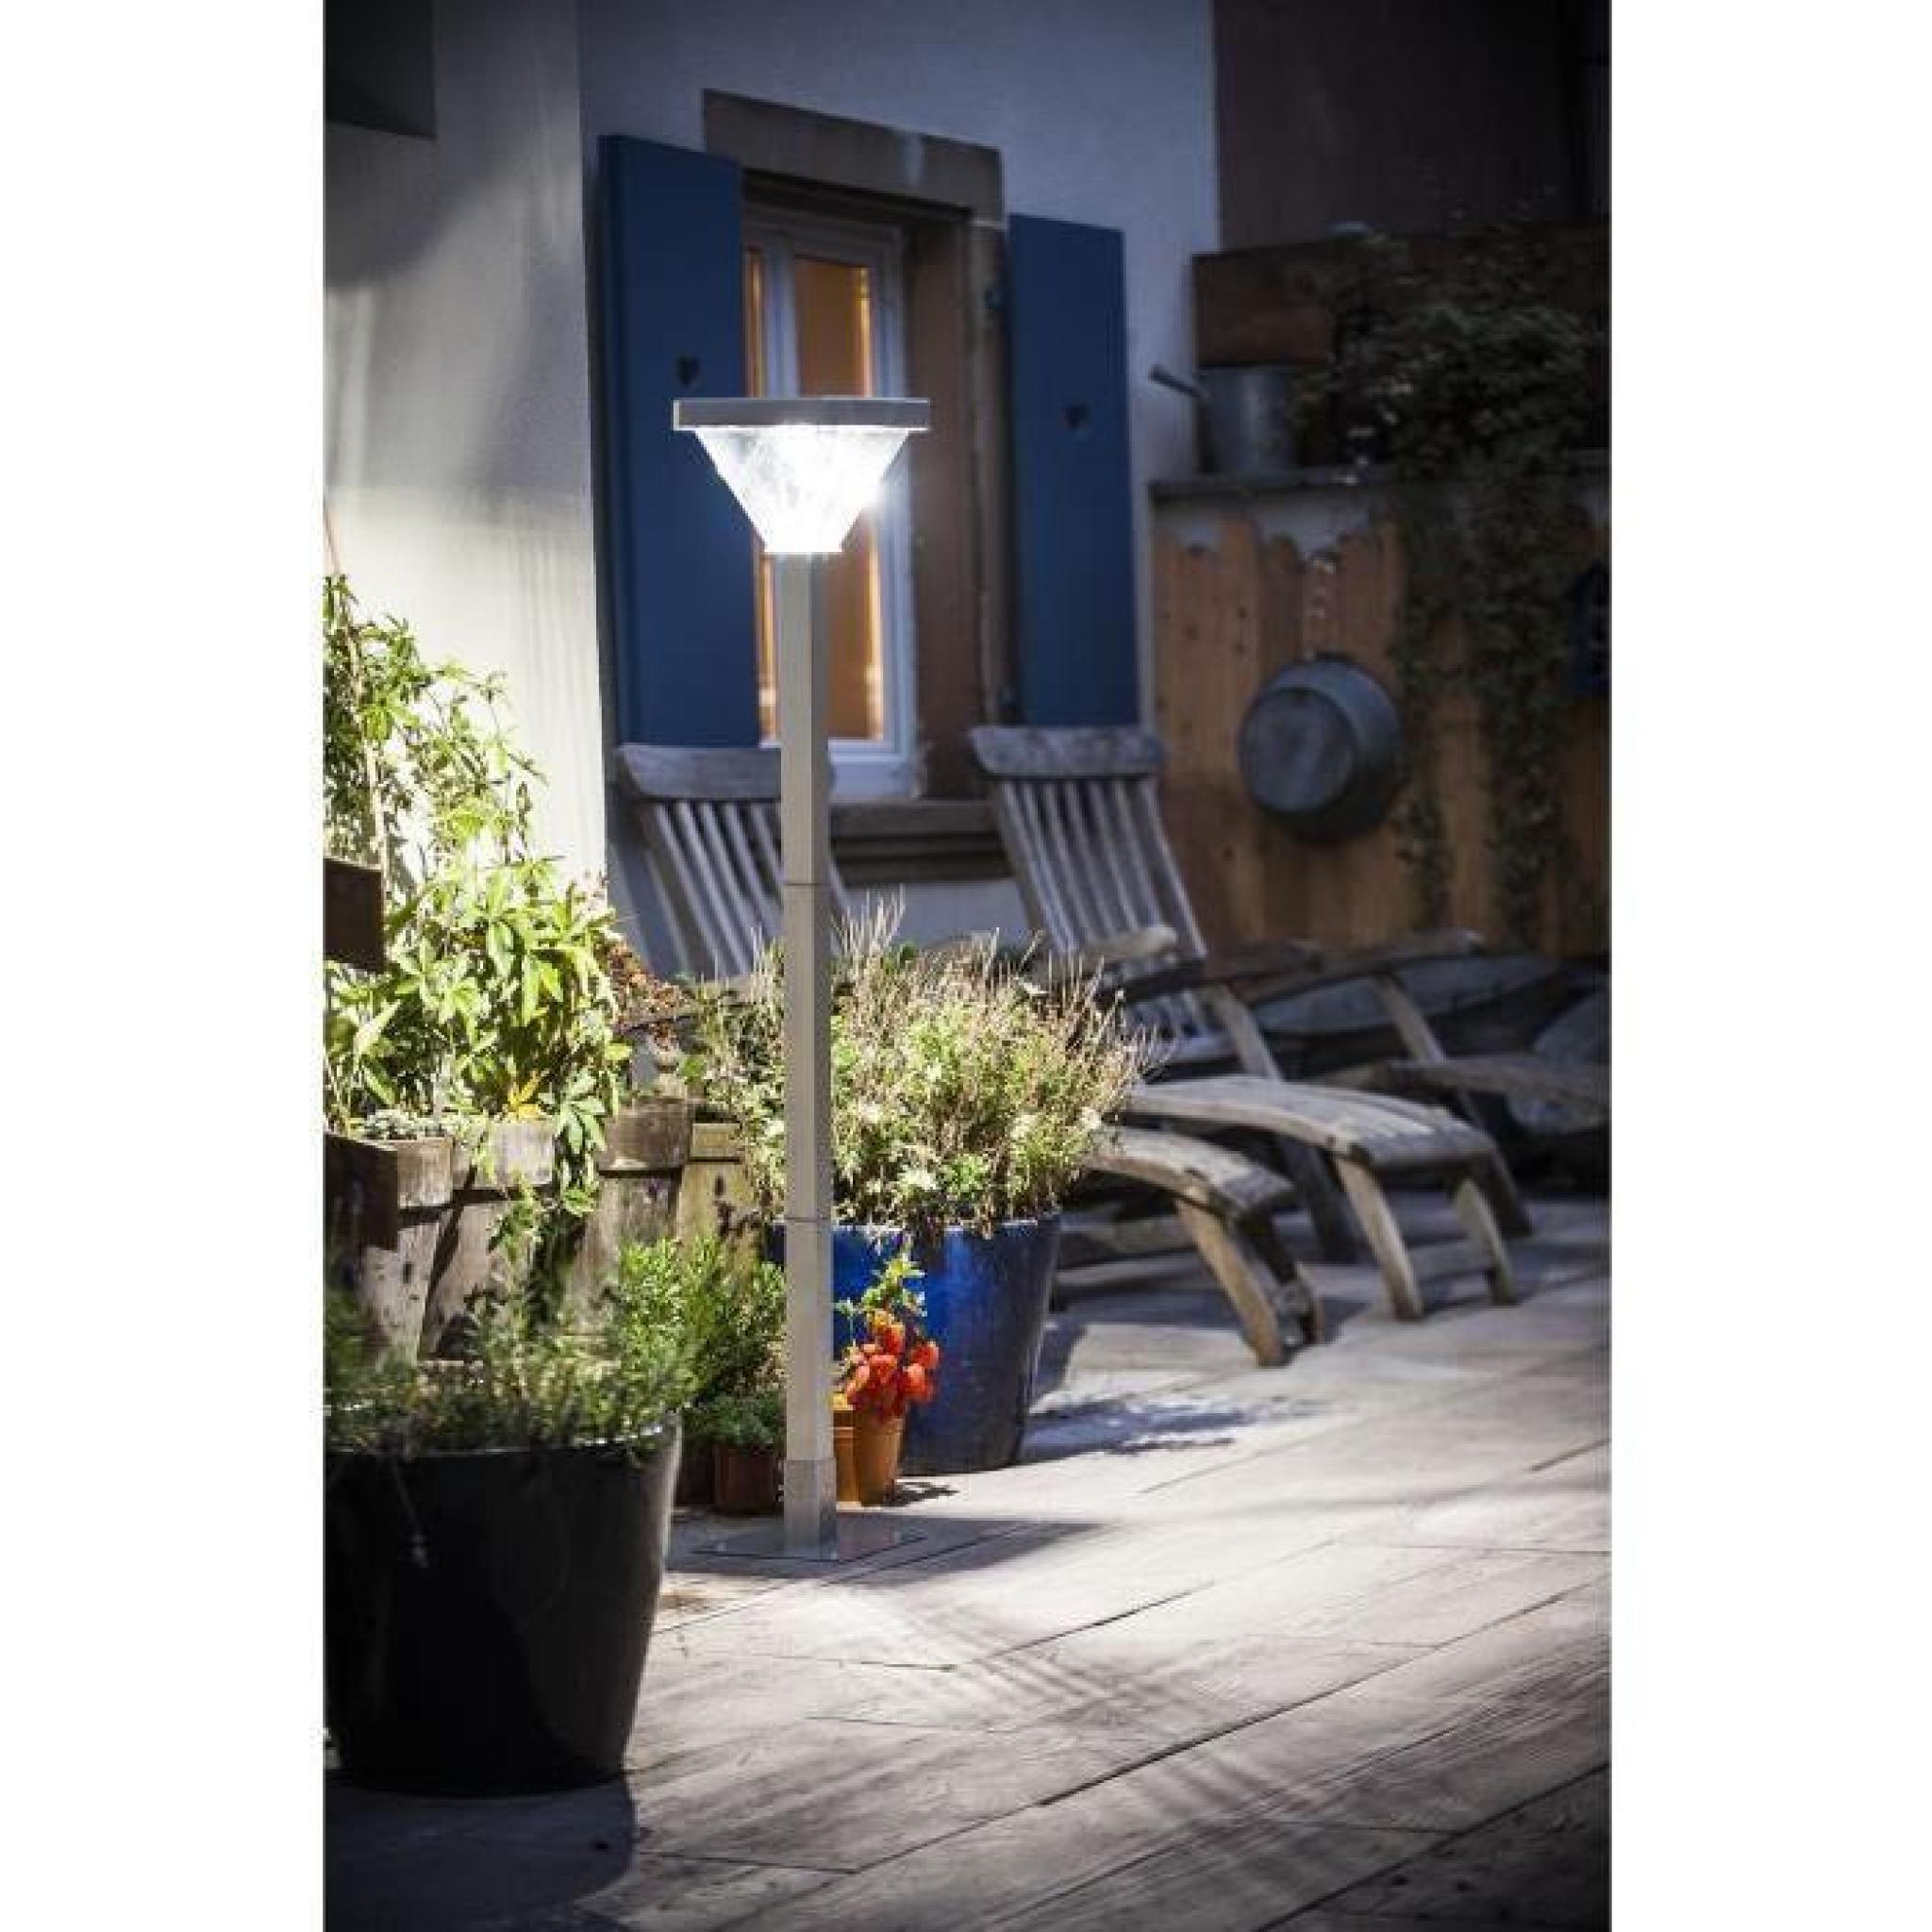 Galix Lampadaire Solaire Aluminium Très Éclairant avec Lampadaire De Jardin Pas Cher